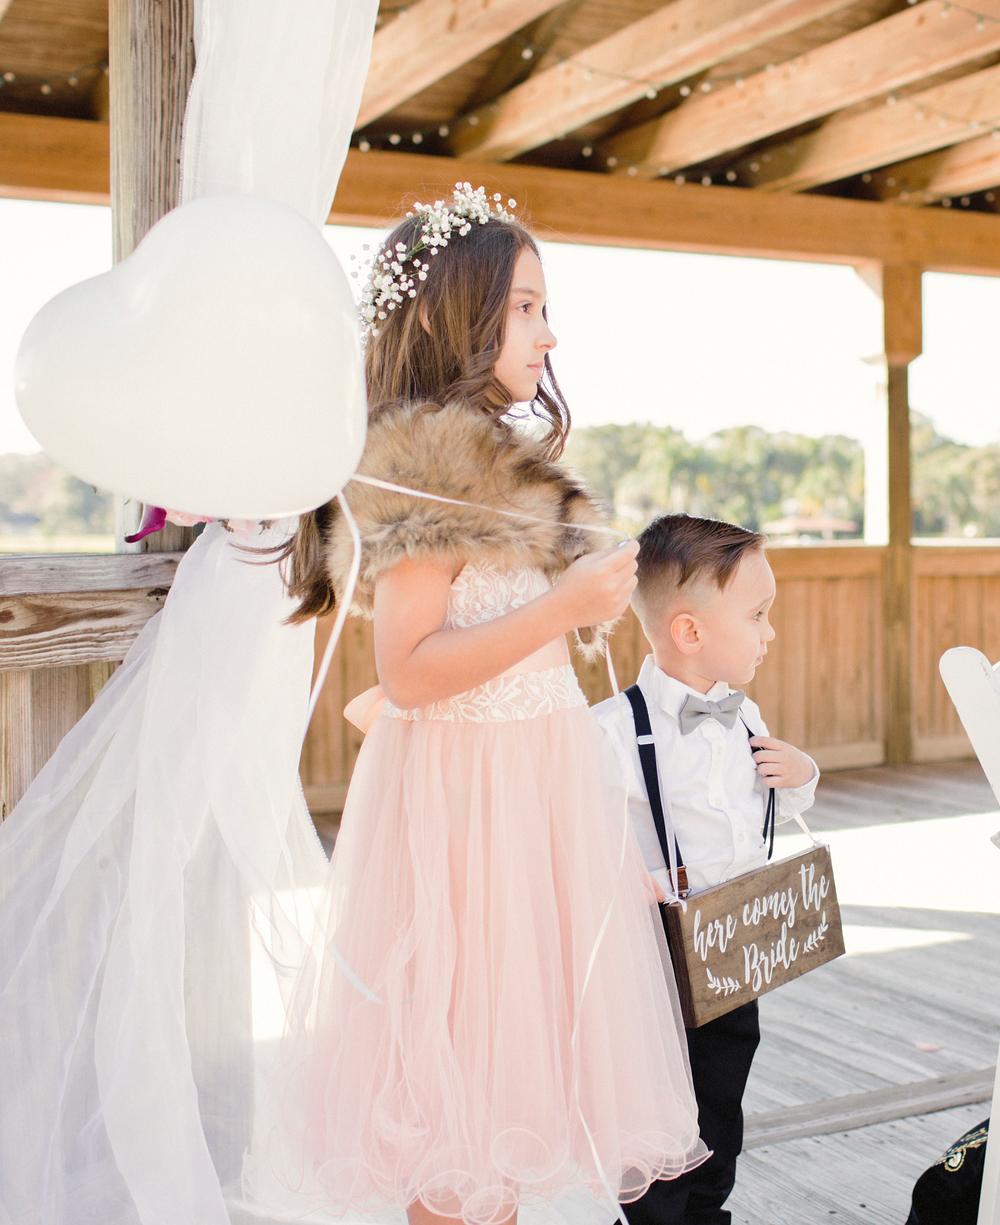 Orlando Wedding | Vanessa Boy |VANESSABOY.COM-199.com final set .jpg